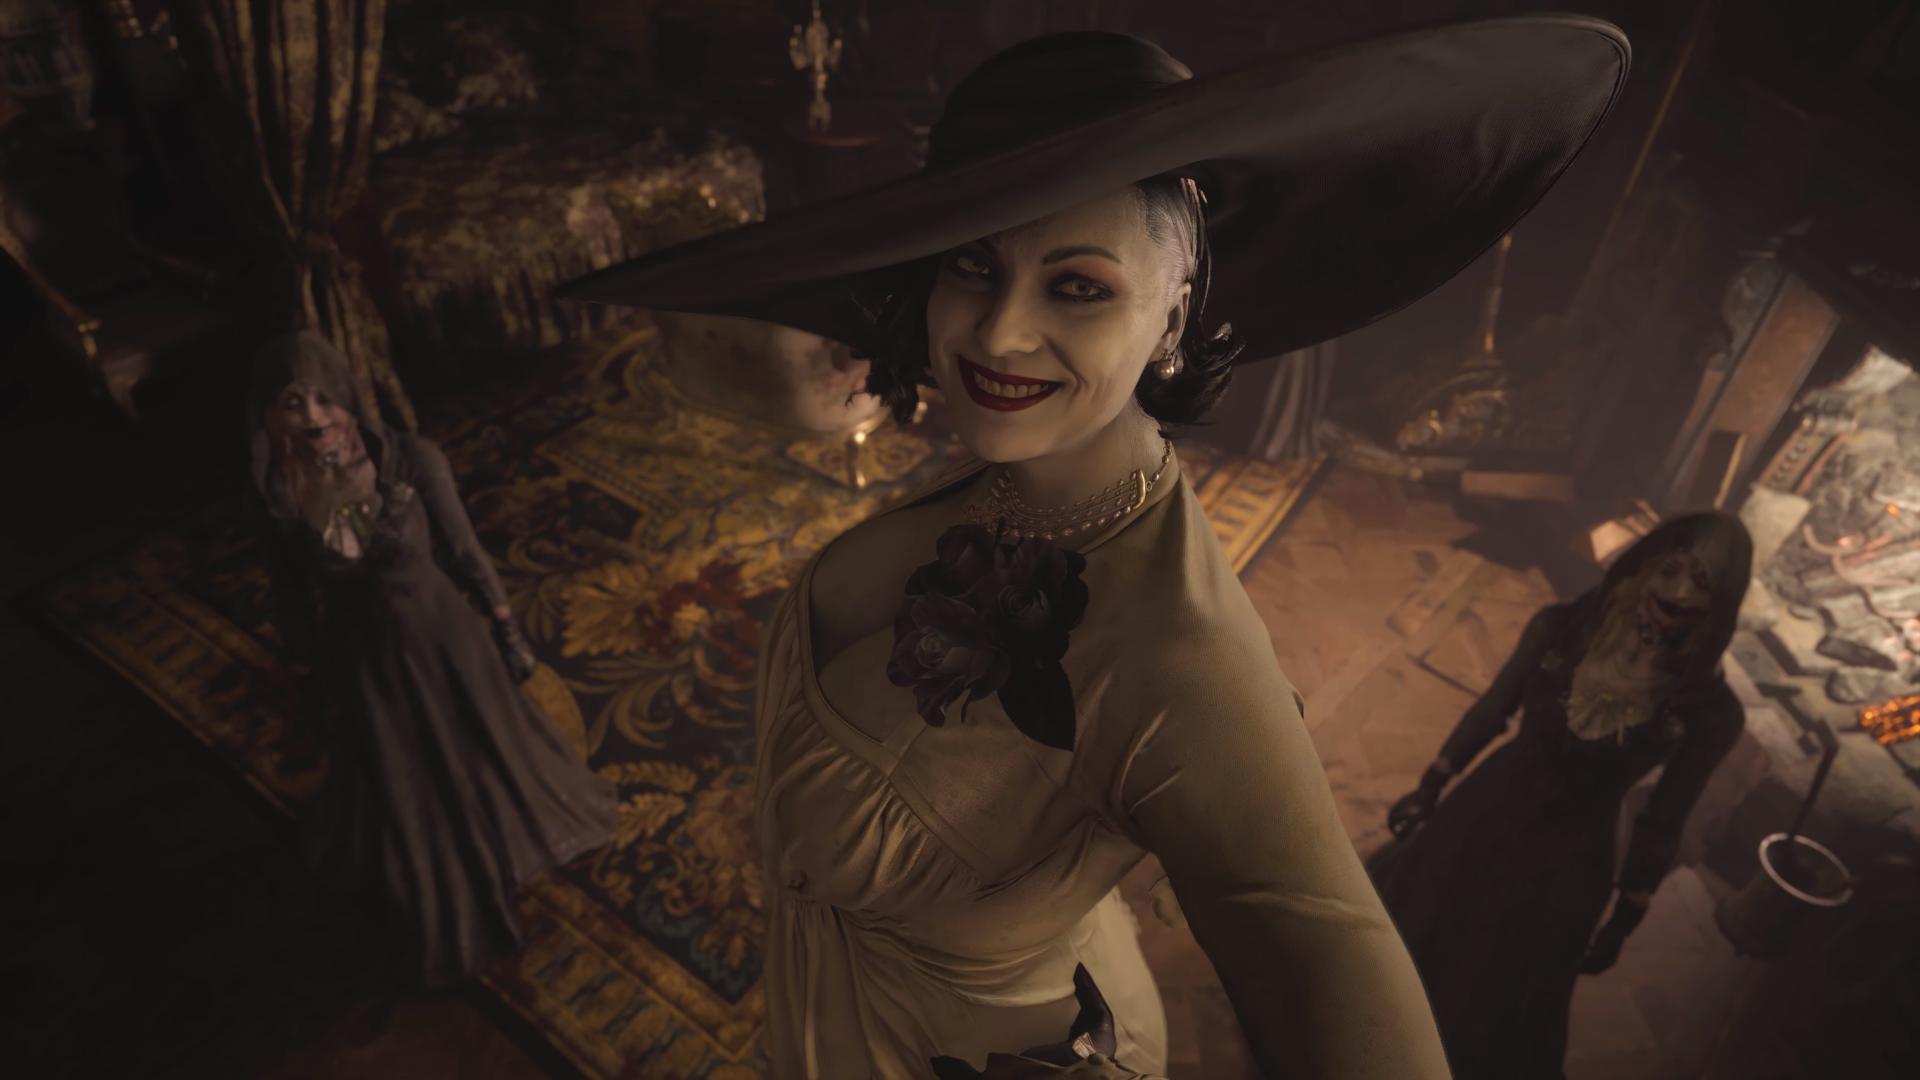 《恶灵古堡8:村庄》蒂米斯特雷库夫人